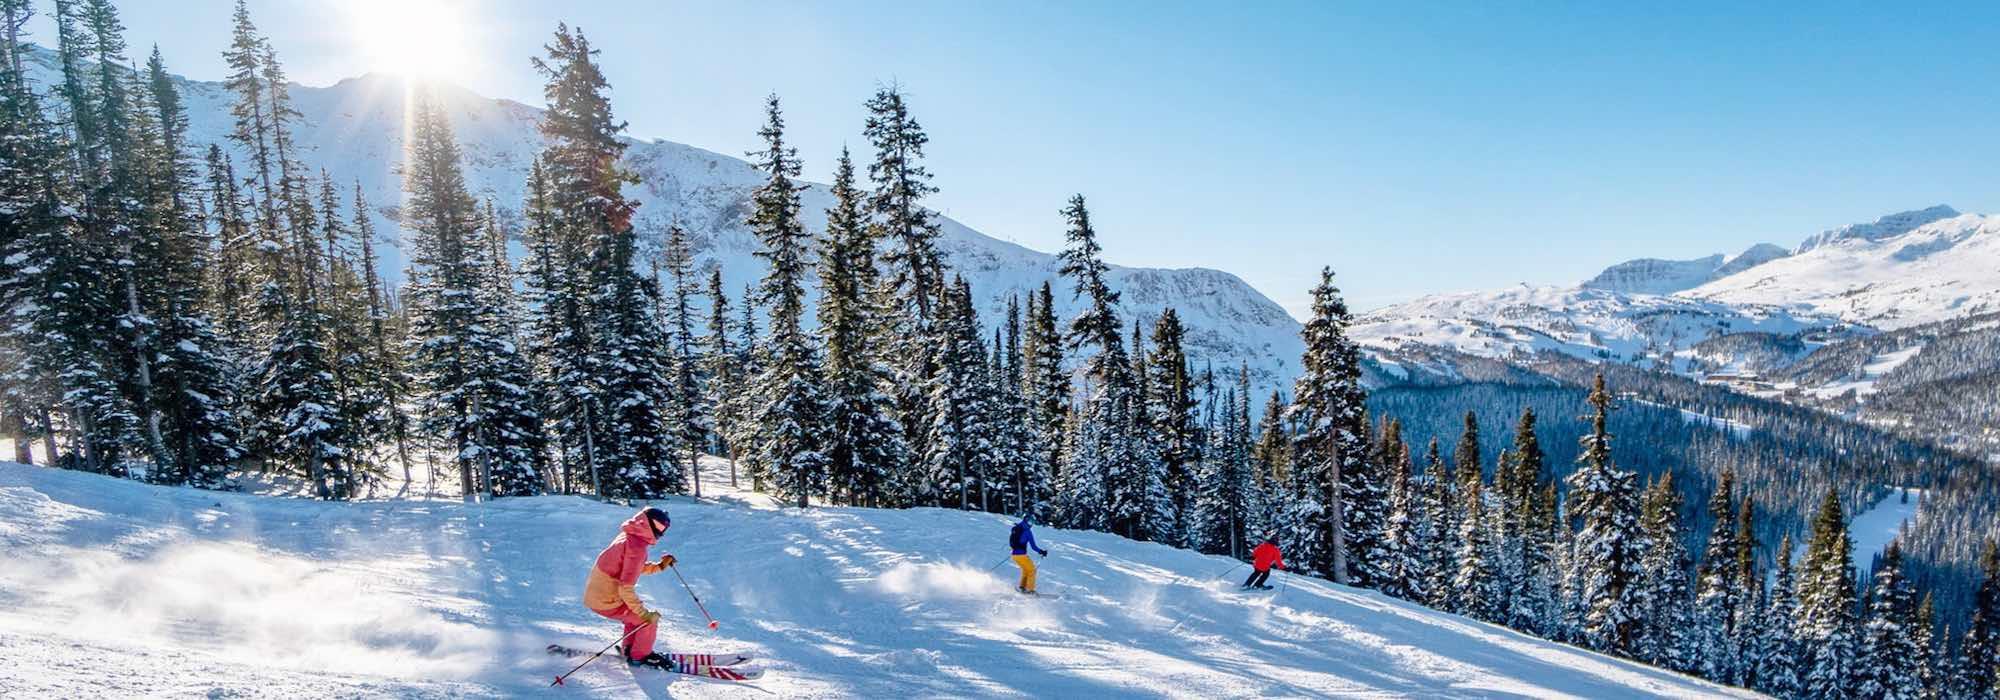 Skiers at Banff Sunshine Village in Banff National Park.